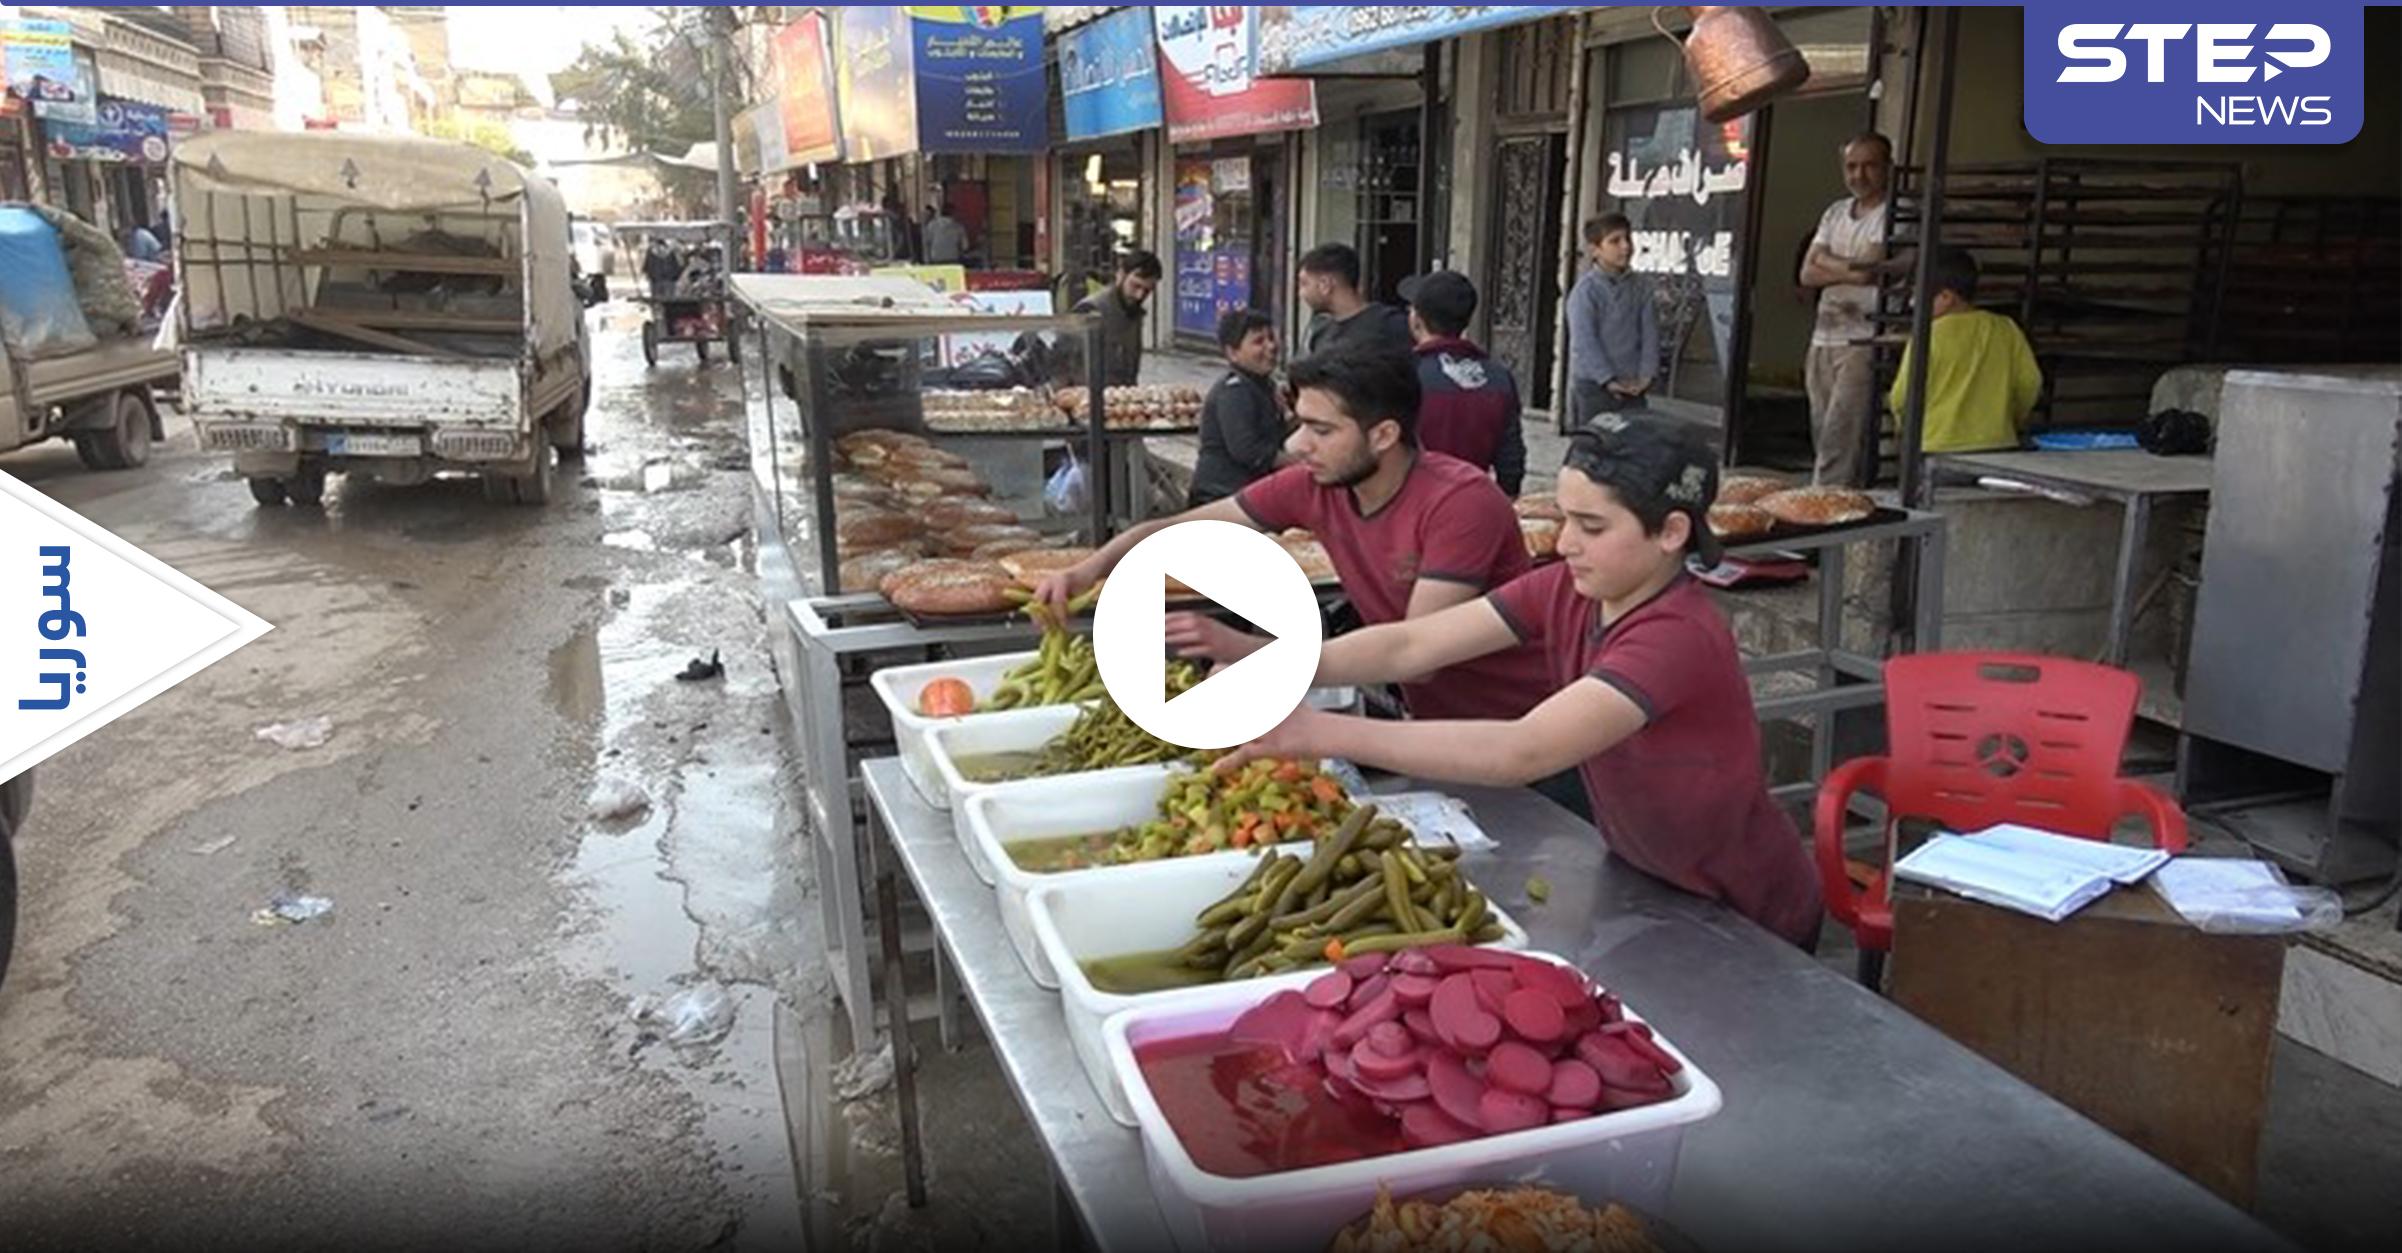 عدسة ستيب نيوز ترصد الأجواء الرمضانية في مدينة الدانا السورية شمال إدلب